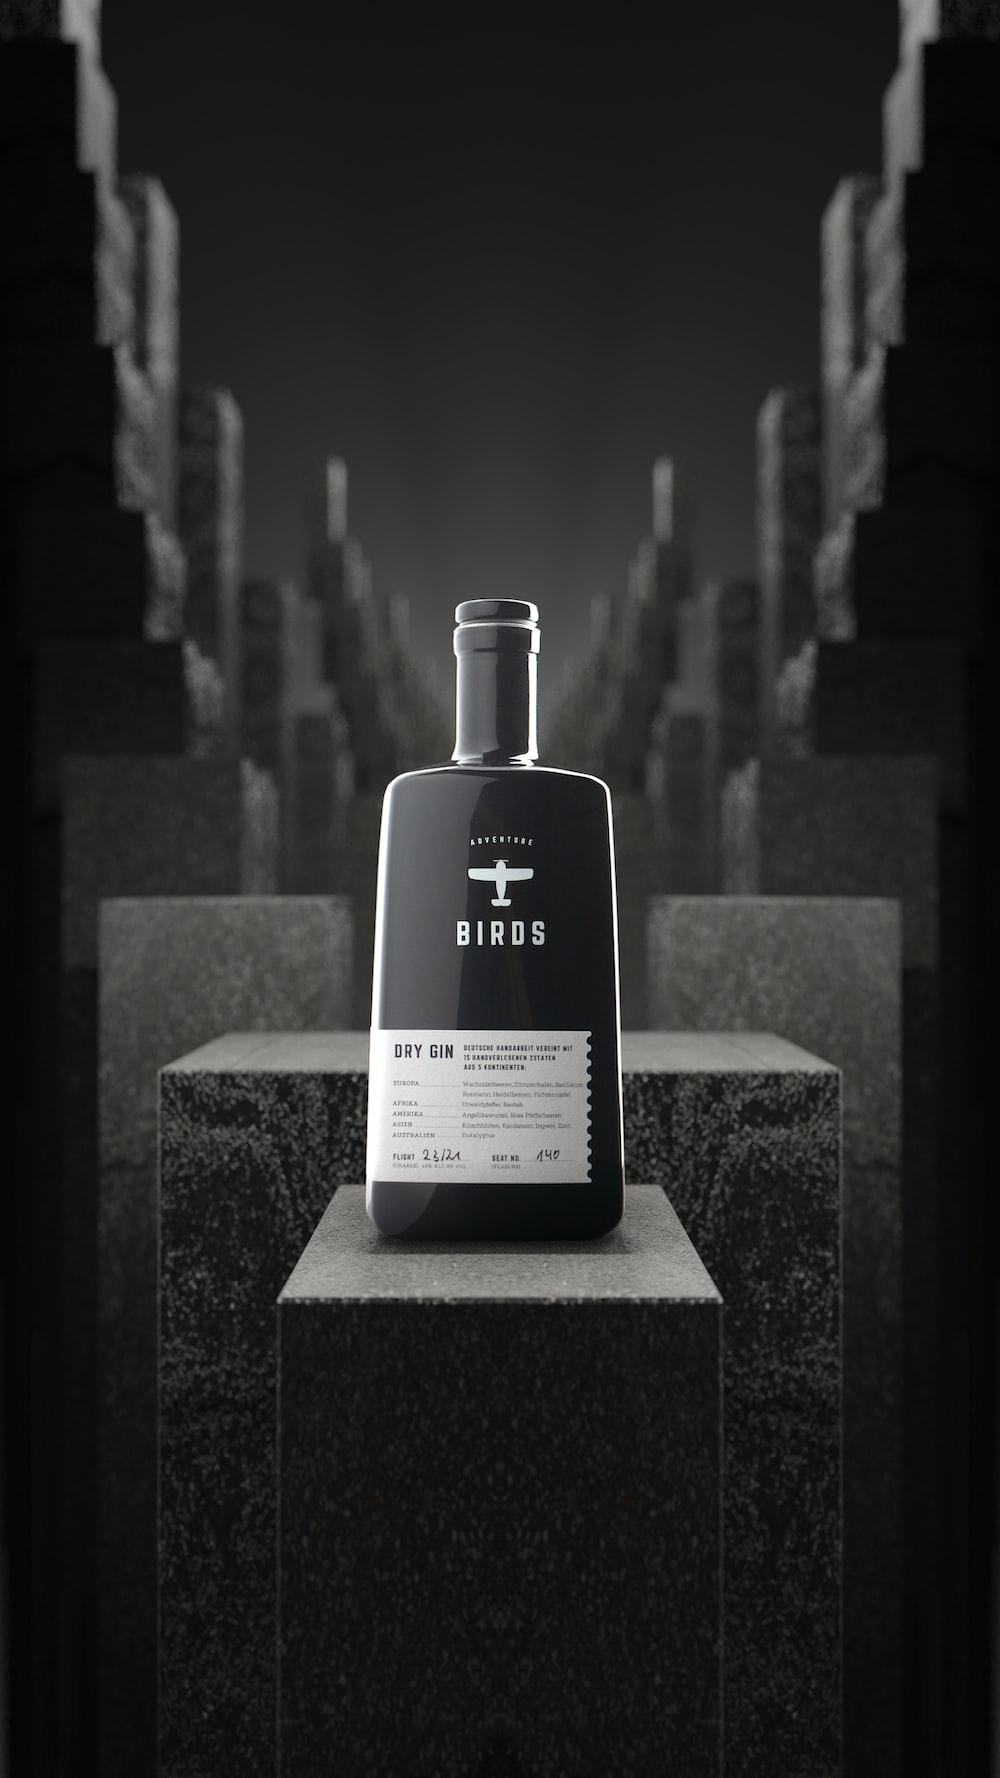 white and black calvin klein perfume bottle